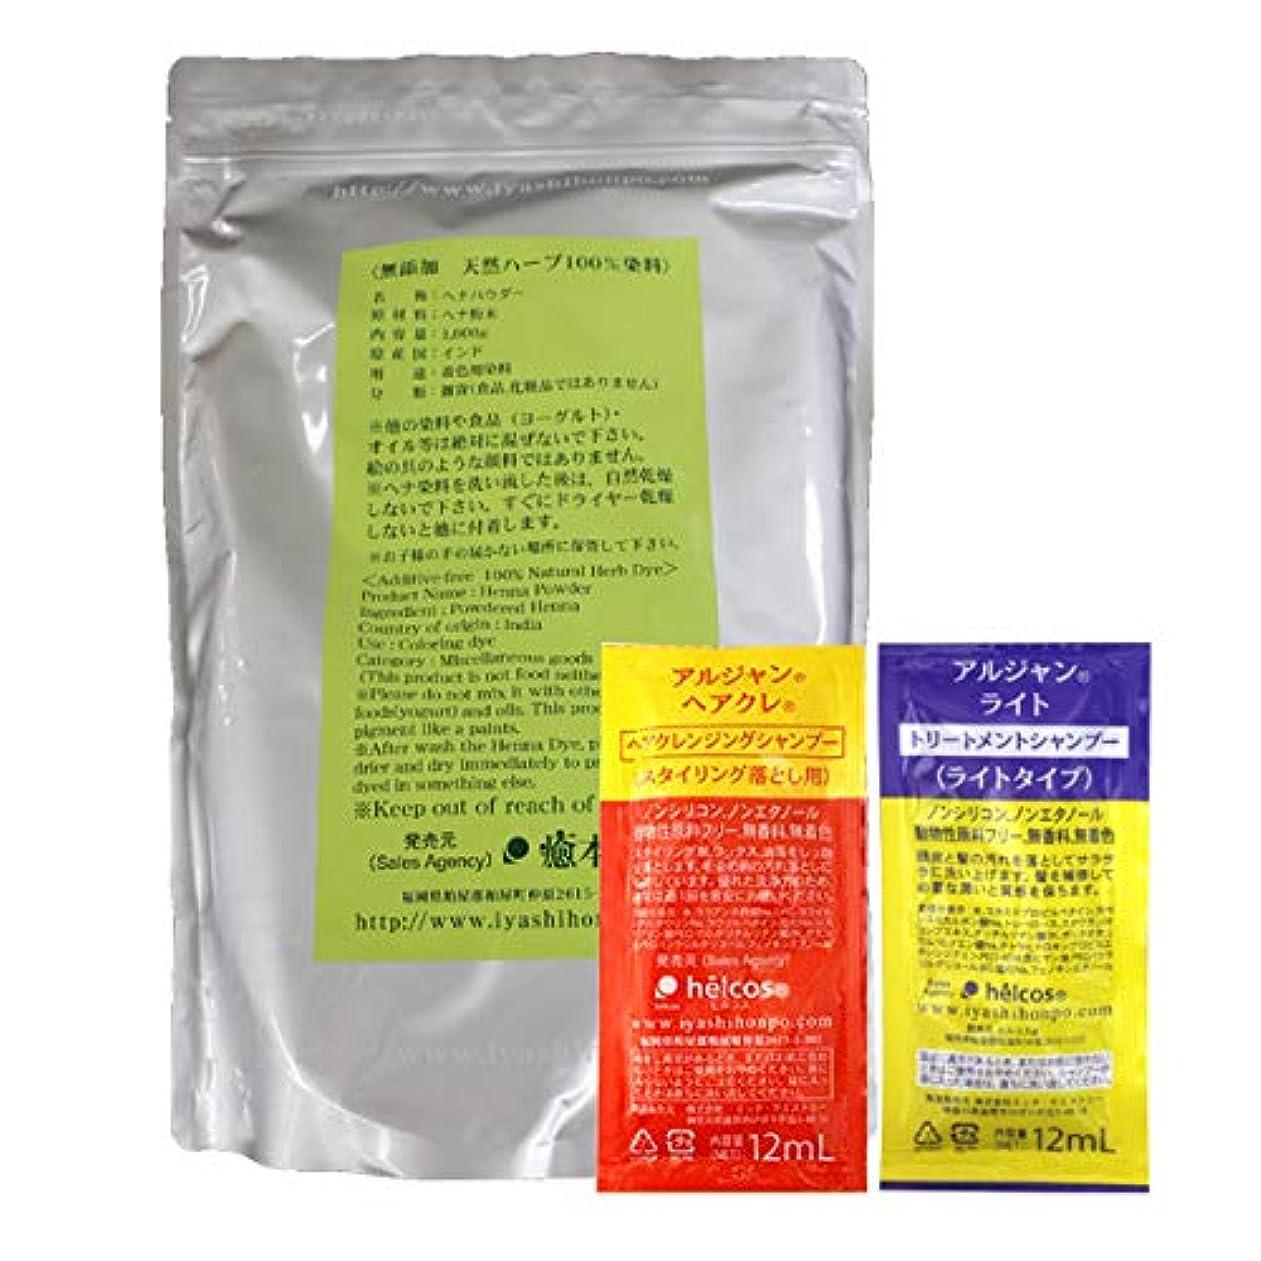 韻ブロック生産的白髪染め ヘナ(天然染料100%) 1,000g + シャンプー2種セット 癒本舗(ブラウン)